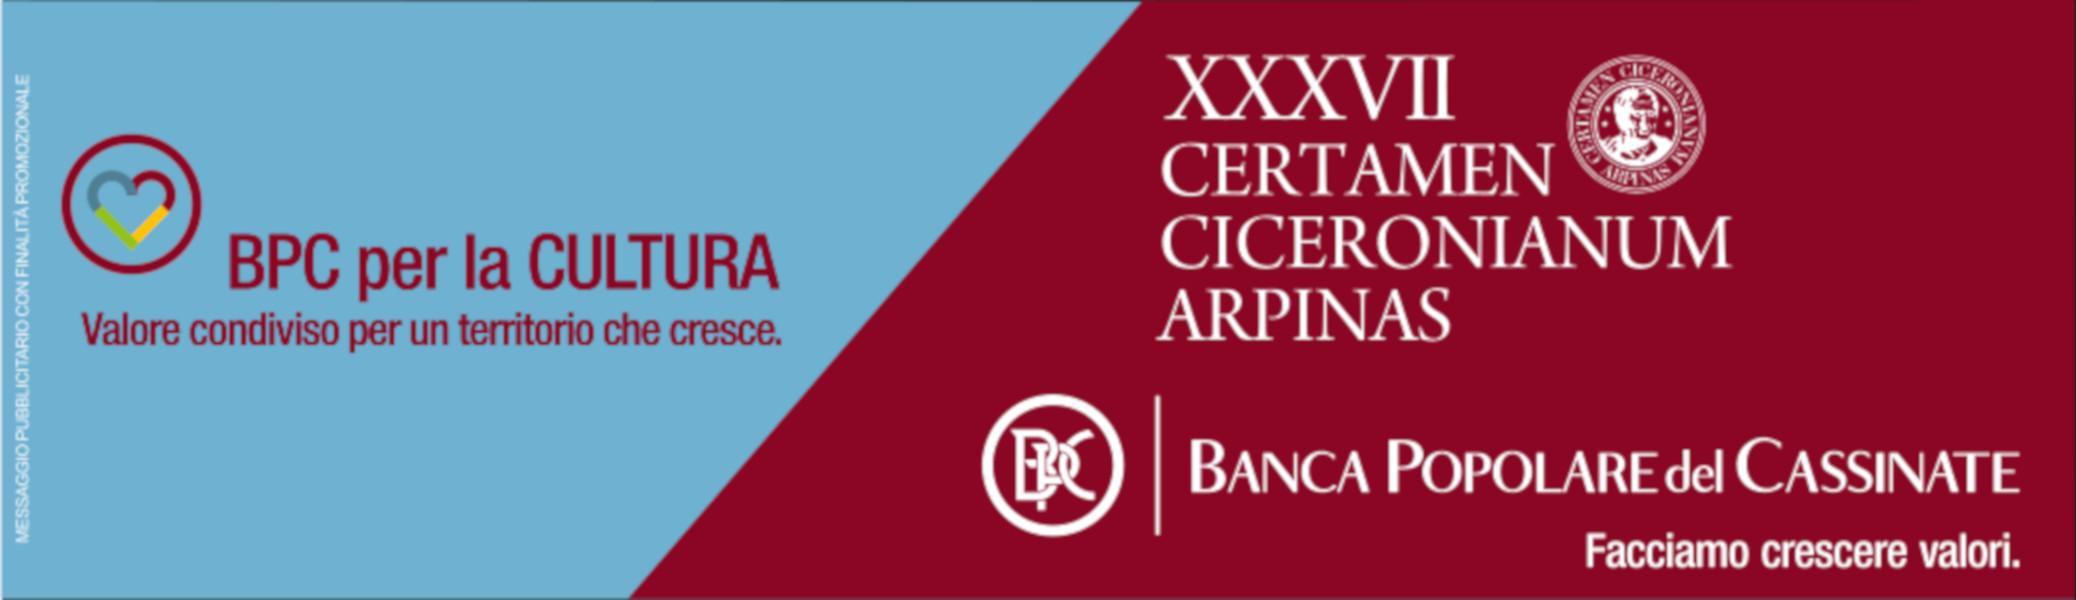 Ad Arpino, l'edizione 2017 del Certamen Ciceronianum